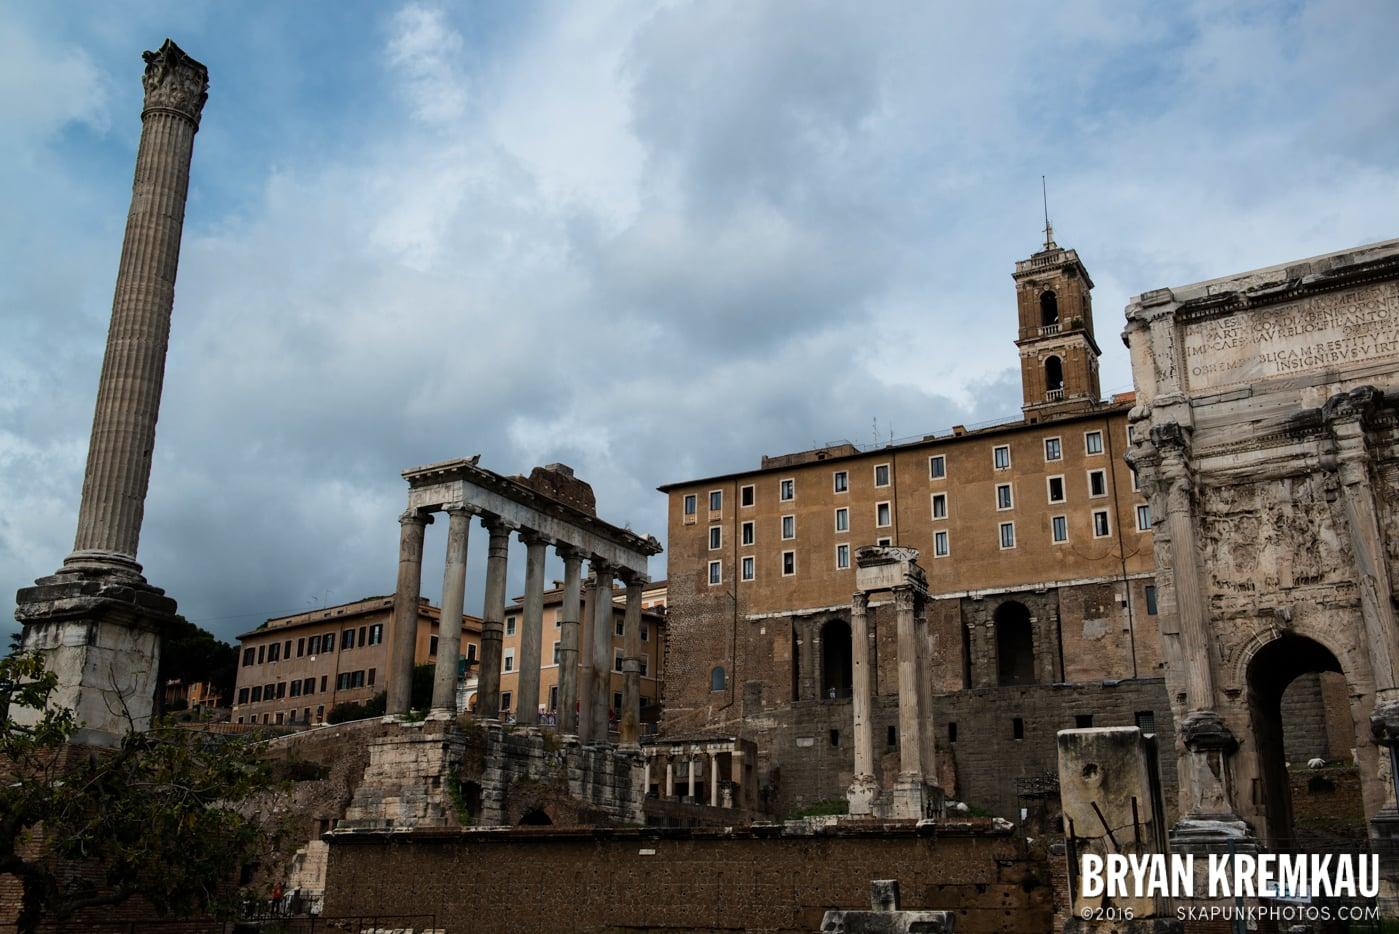 Italy Vacation - Day 2: Rome - 9.10.13 (107)